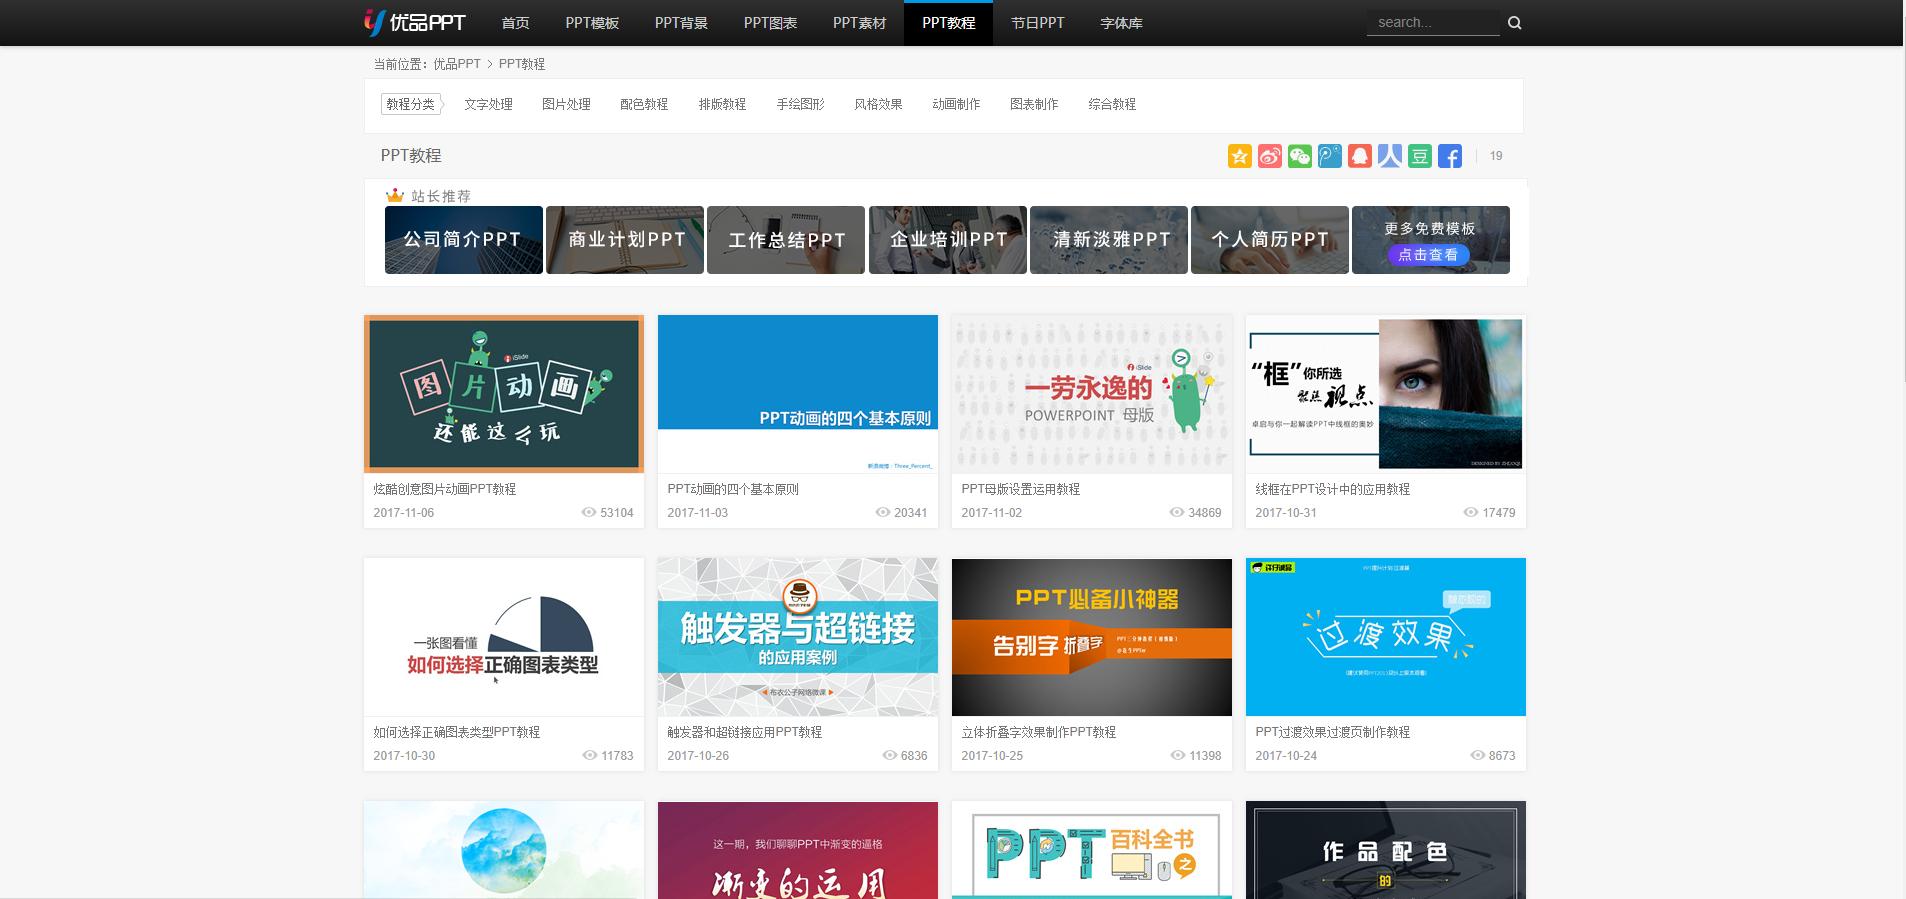 免费PPT模板在哪里下载?这几个PPT模板网站建议收藏起来!